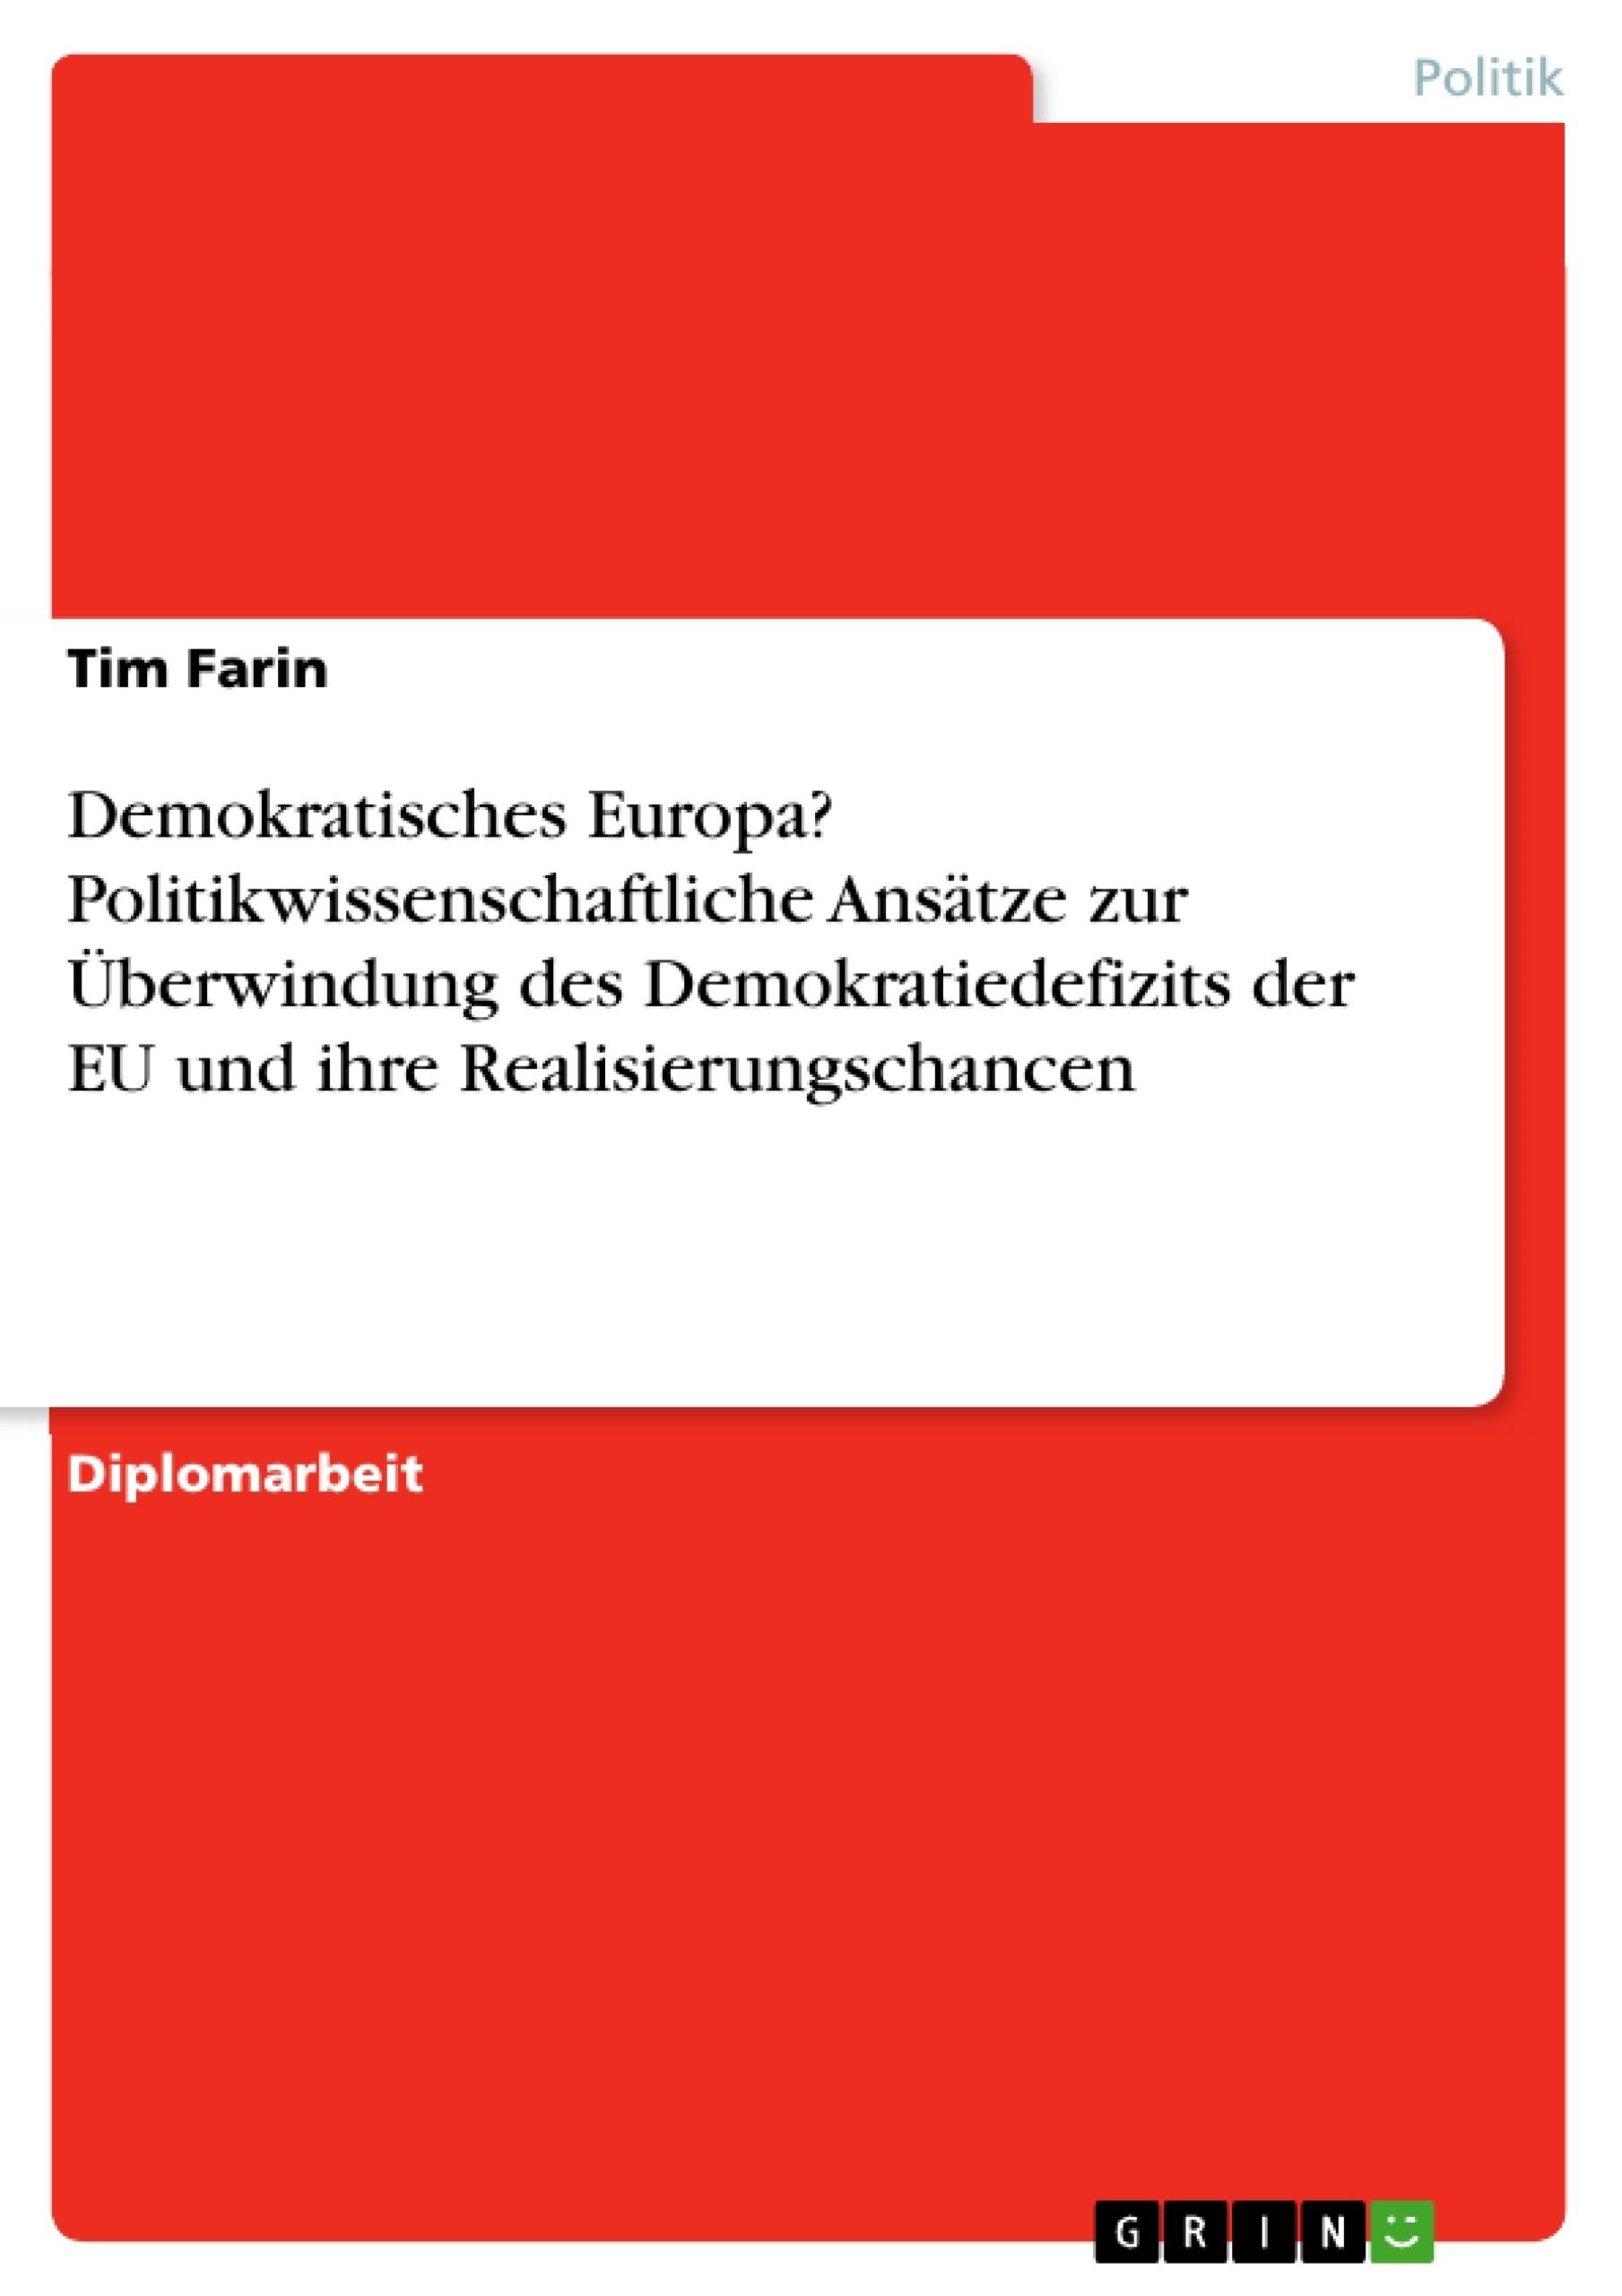 Titel: Demokratisches Europa? Politikwissenschaftliche Ansätze zur Überwindung des Demokratiedefizits der EU und ihre Realisierungschancen